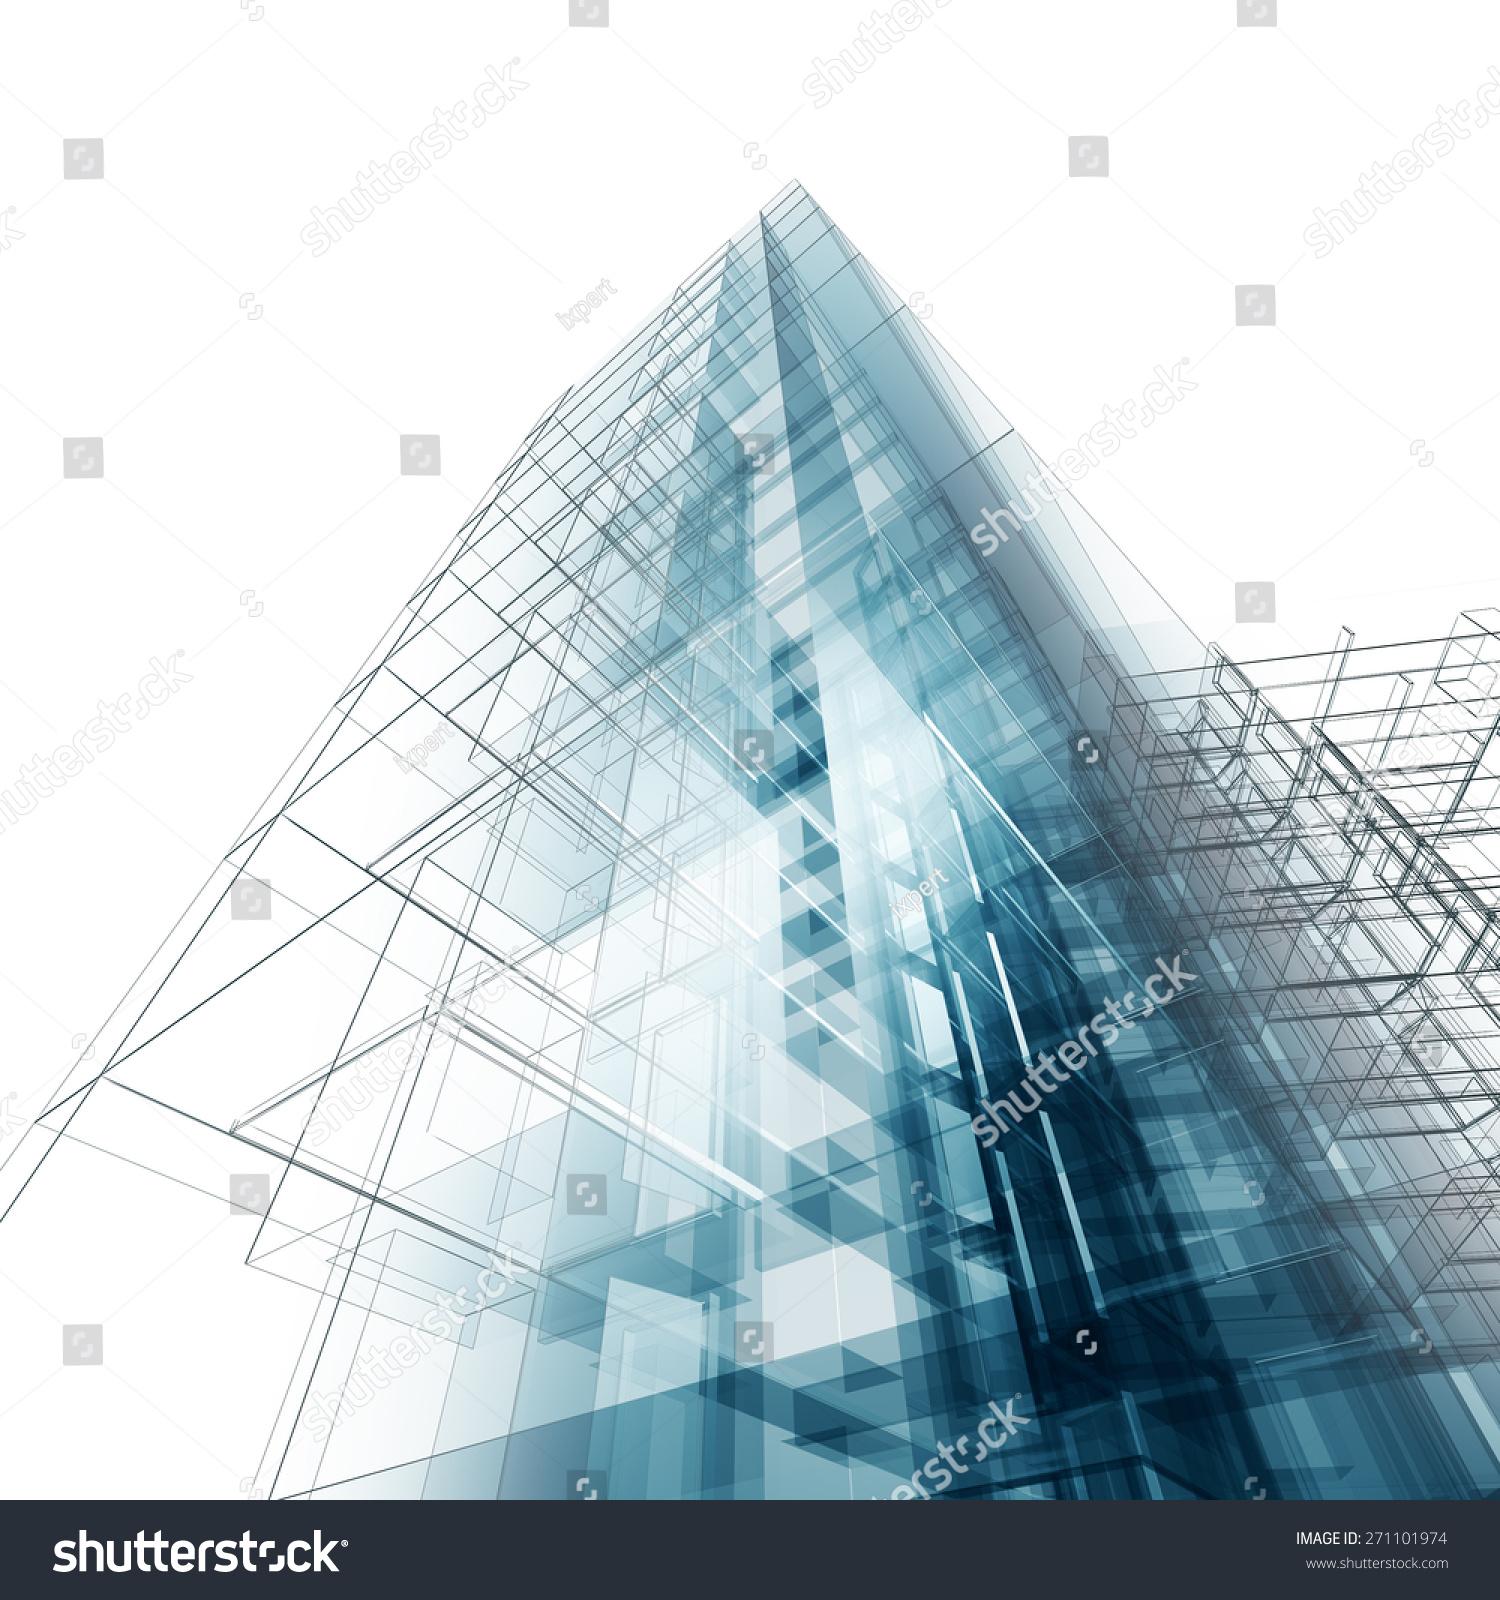 我自己体系结构设计和模型-建筑物/地标